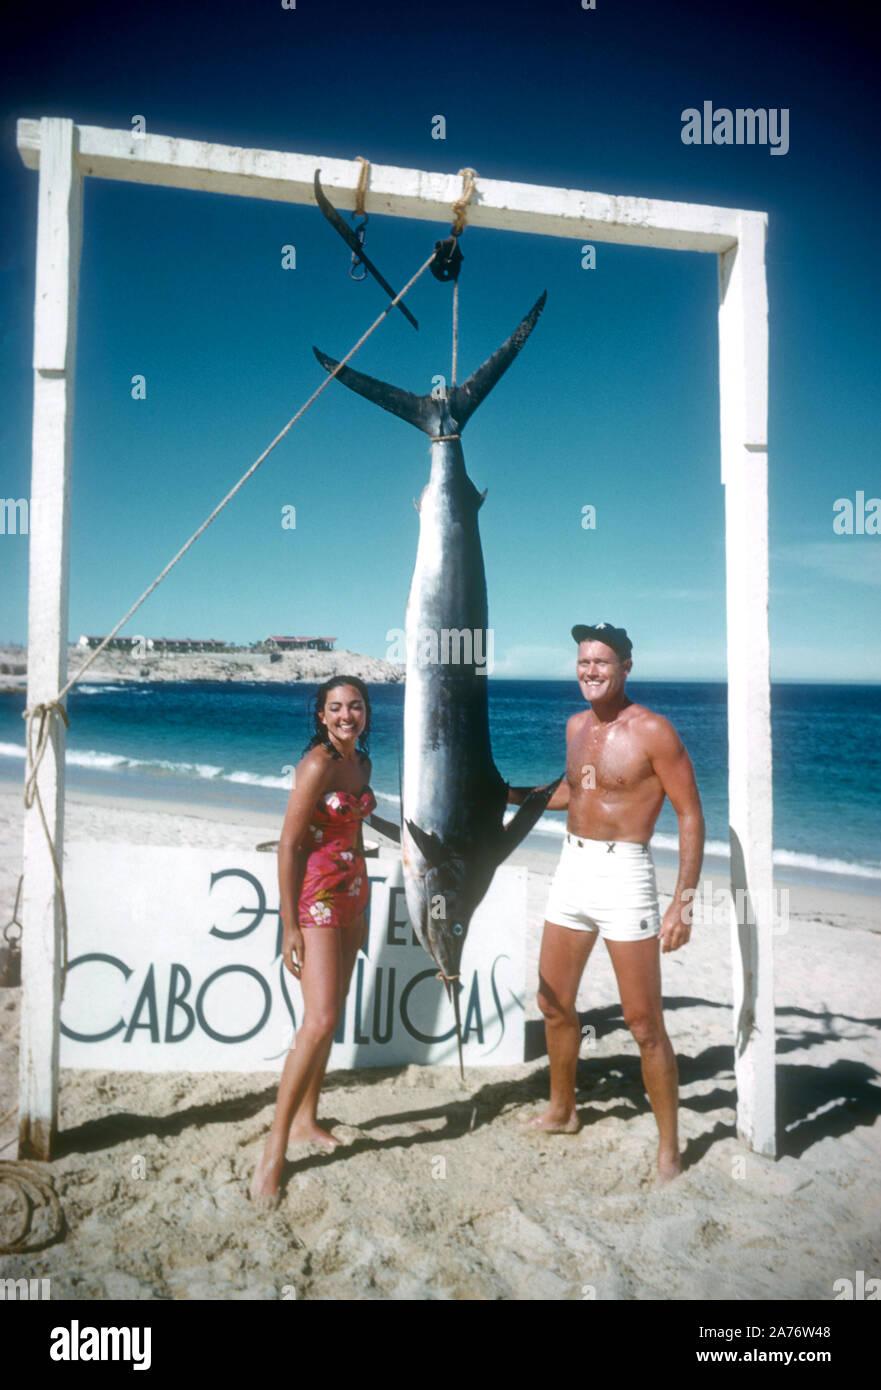 BAJA CALIFORNIA, MÉXICO - JUNIO DE 1962: el actor y ex jugador de béisbol Chuck Connors (1921-1992) y la actriz prometido Kamala Devi (1934-2010), posan para una fotografía delante de un marlin que Connors capturado mientras estaba en un viaje de pesca alrededor de junio de 1962, en Baja California, México. (Foto por Hy Peskin) (número de registro: X8569) Foto de stock